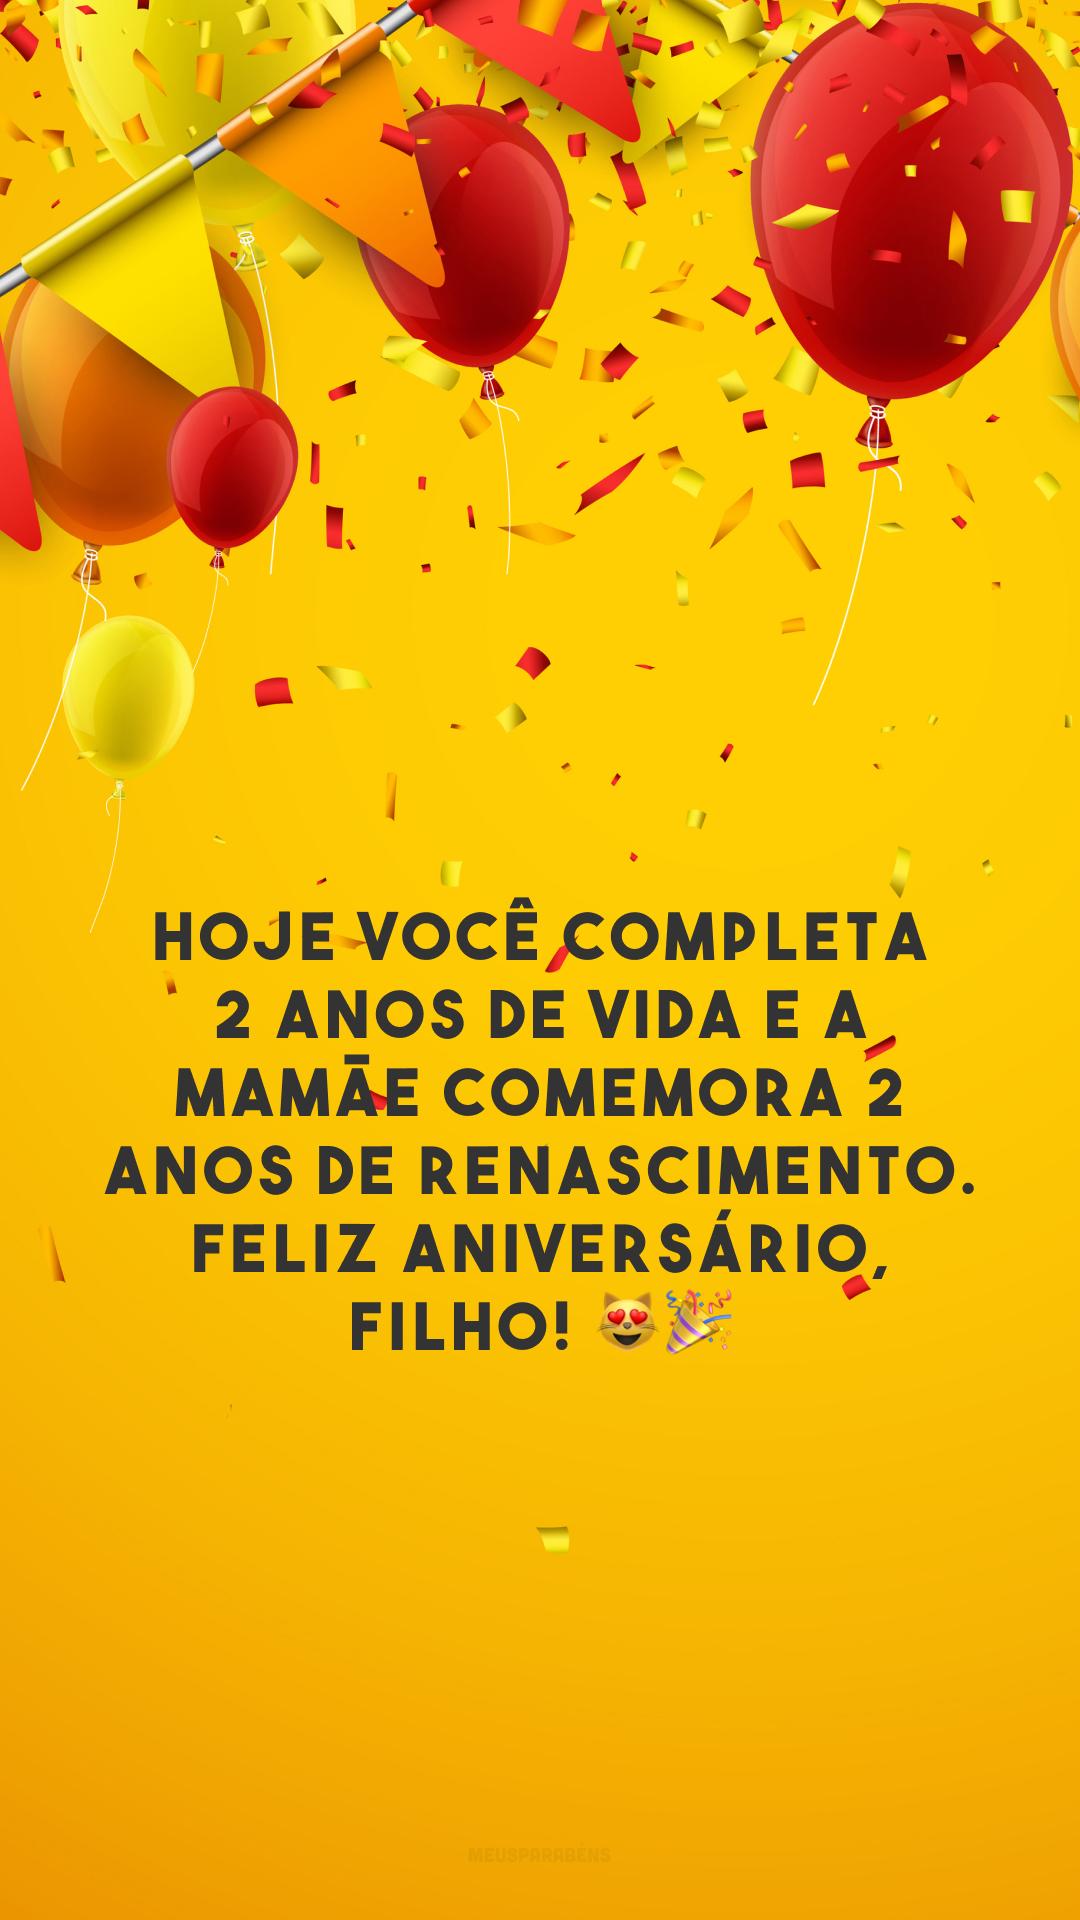 Hoje você completa 2 anos de vida e a mamãe comemora 2 anos de renascimento. Feliz aniversário, filho! 😻🎉